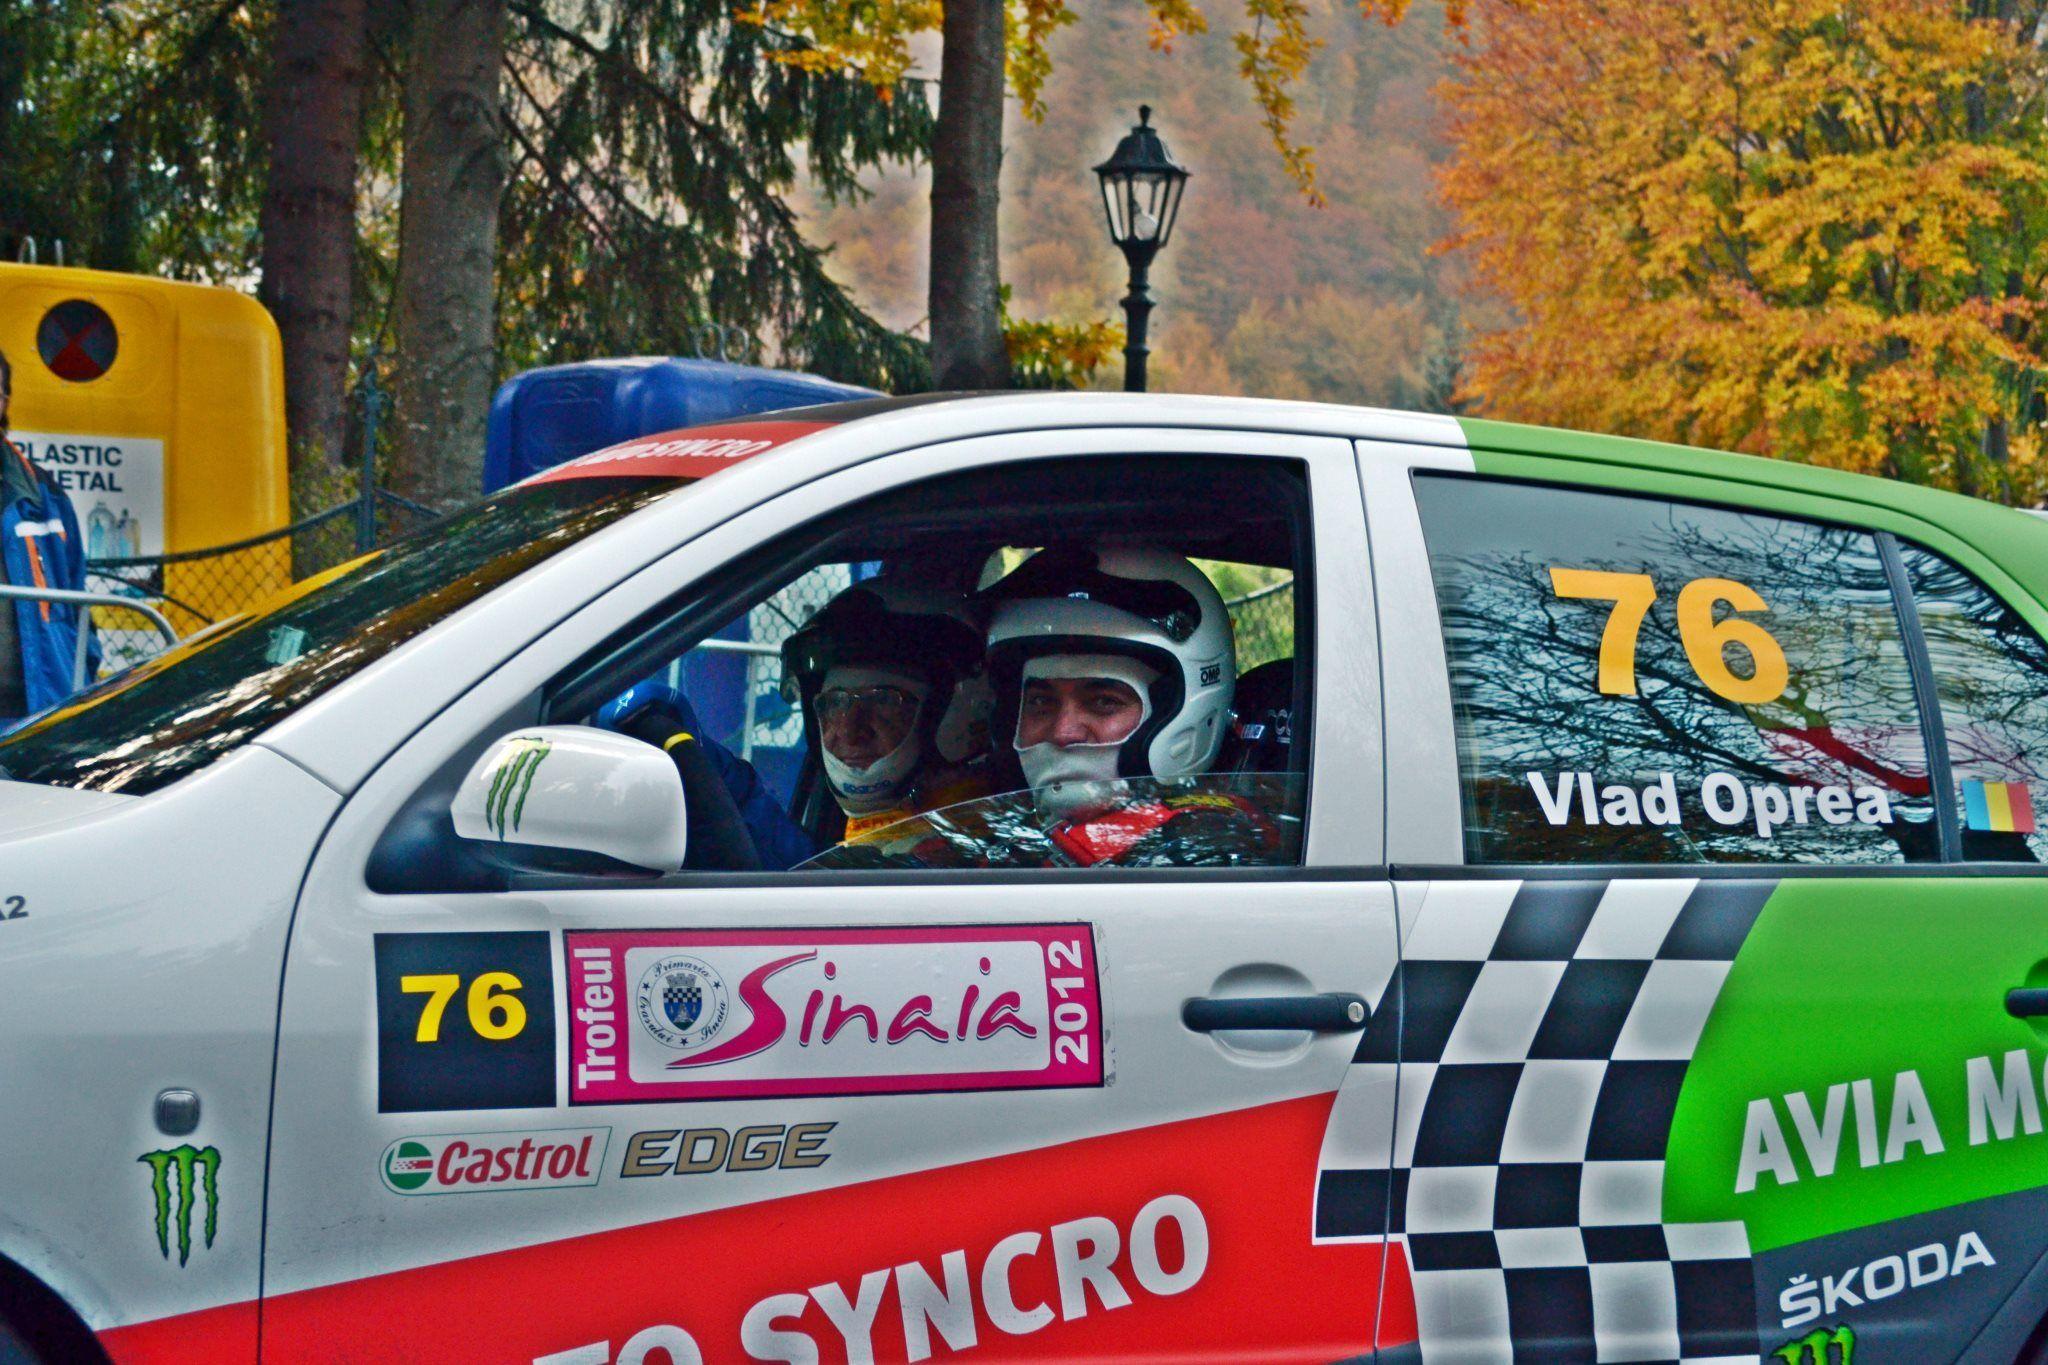 Vlad Oprea (la volan), un primar pasionat de mașini și preocupat de parcări. În vârstă de 50 de ani, Oprea conduce administrația din Sinaia încă din 2004. A fost ales pe listele PNL de patru ori la rând. FOTO: contul de Facebook al primarului, imagine surprinsă la un raliu organizat anual în localitate.